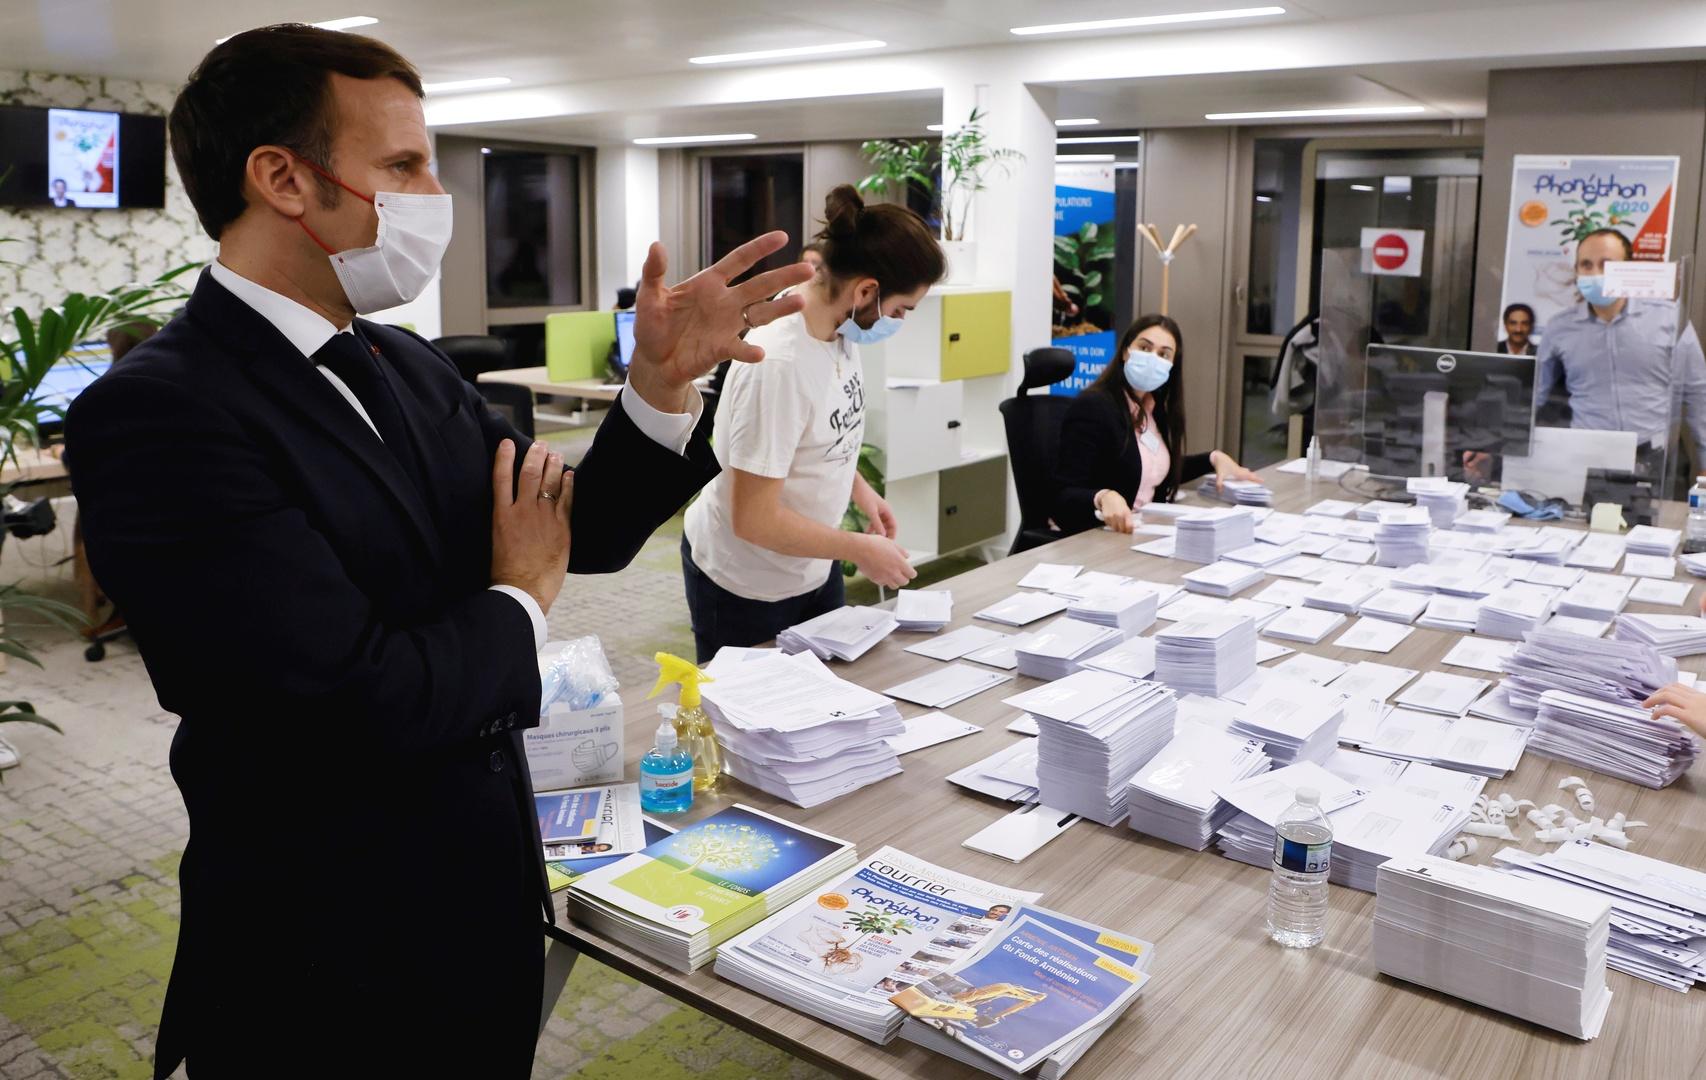 ماكرون يزور مؤسسة خيرية أرمنية في باريس ويرسل طائرة مساعدات إلى يريفان